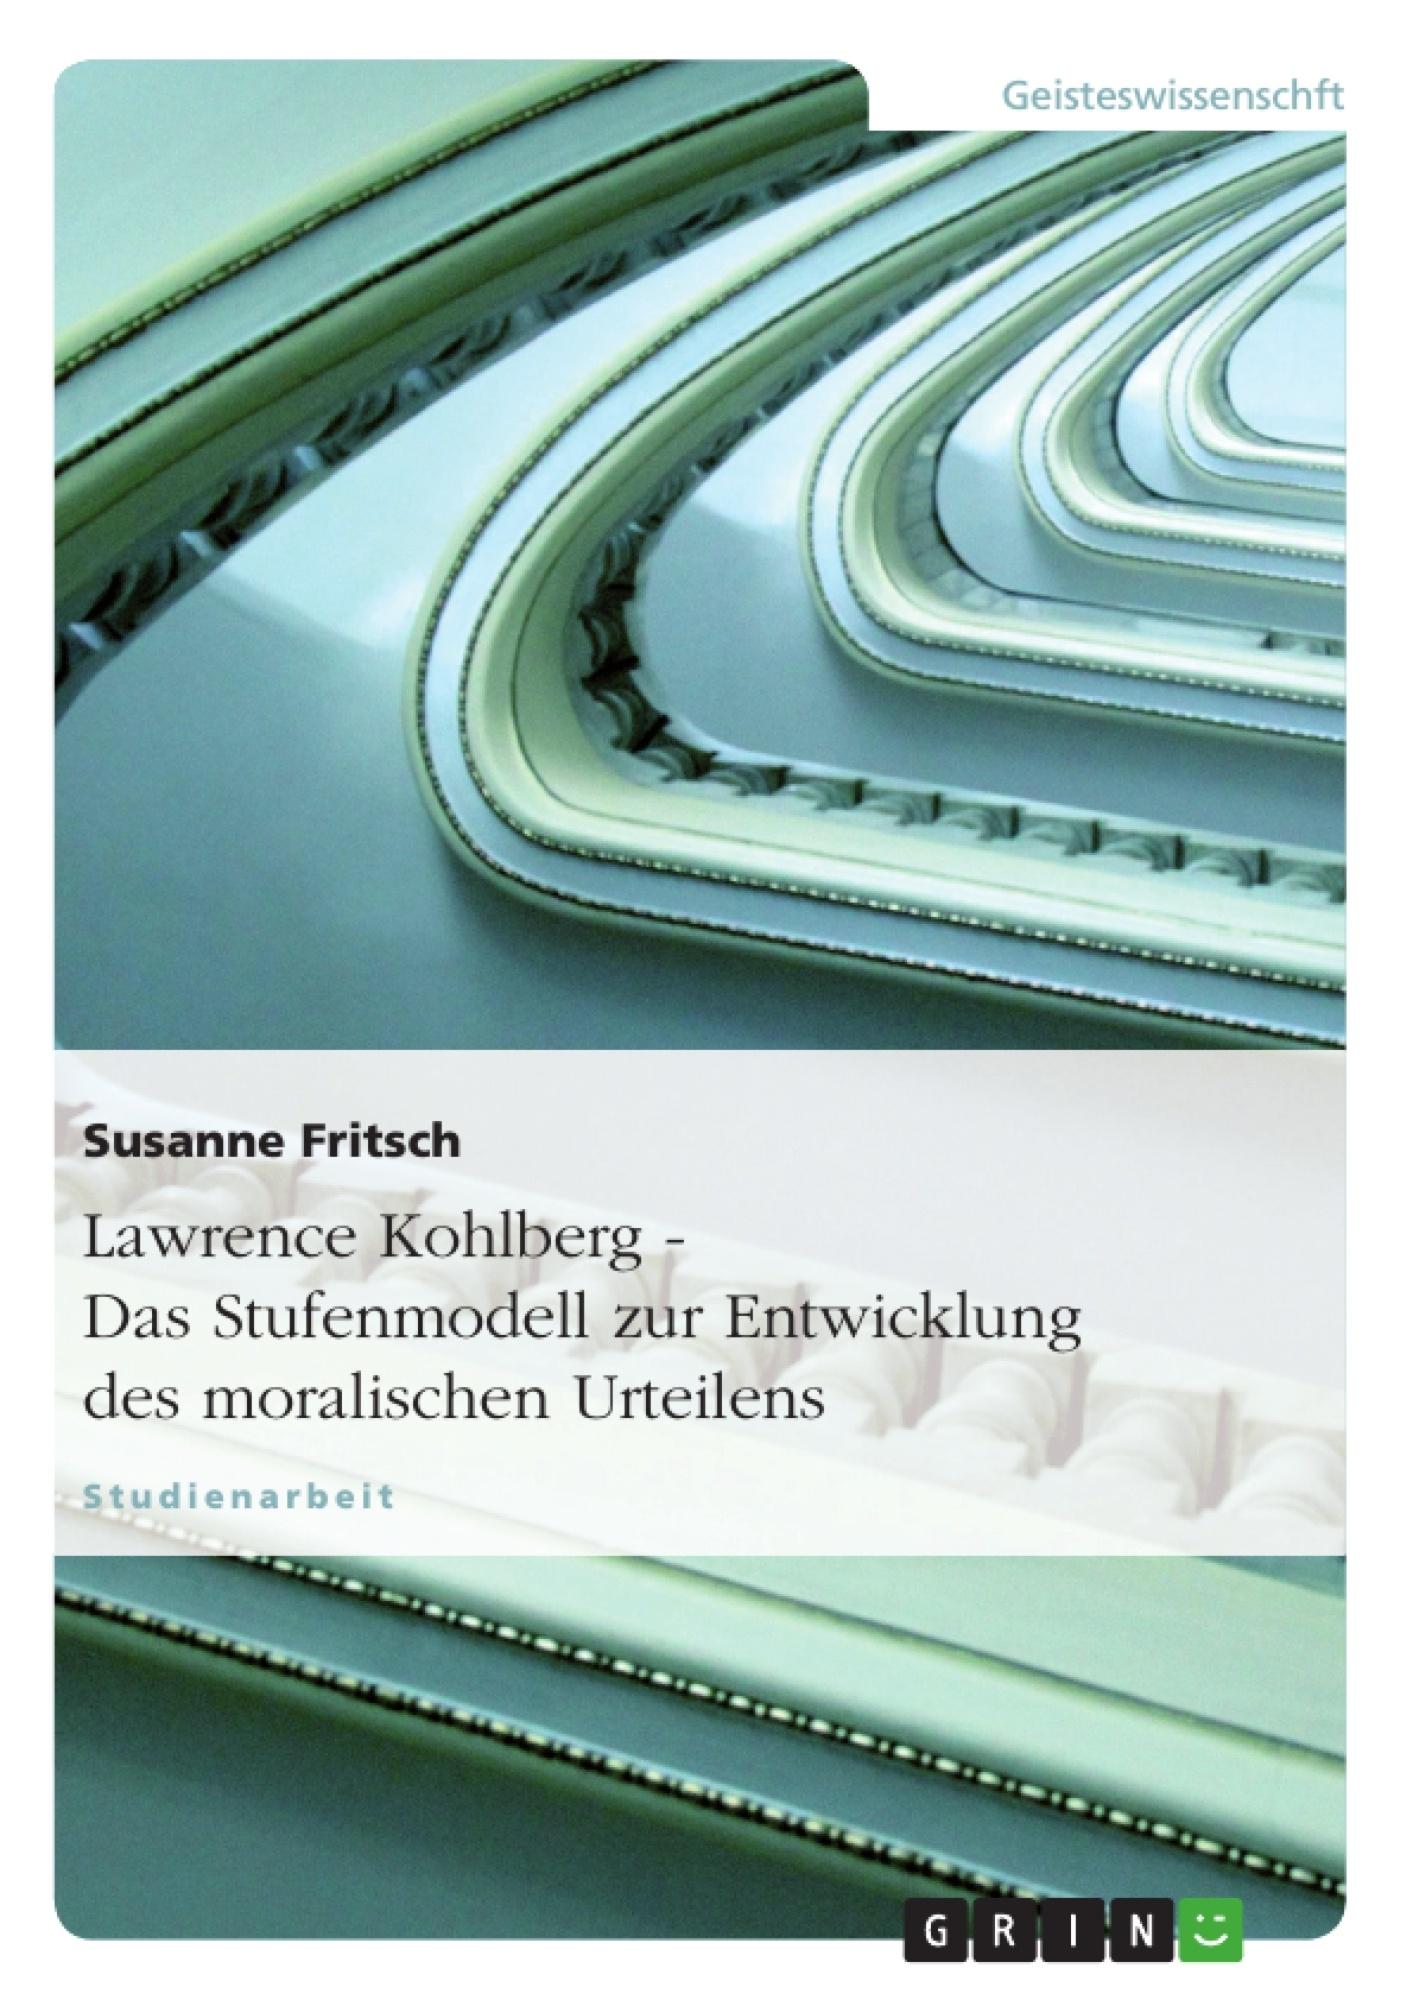 Titel: Lawrence Kohlberg - Das Stufenmodell zur Entwicklung des moralischen Urteilens